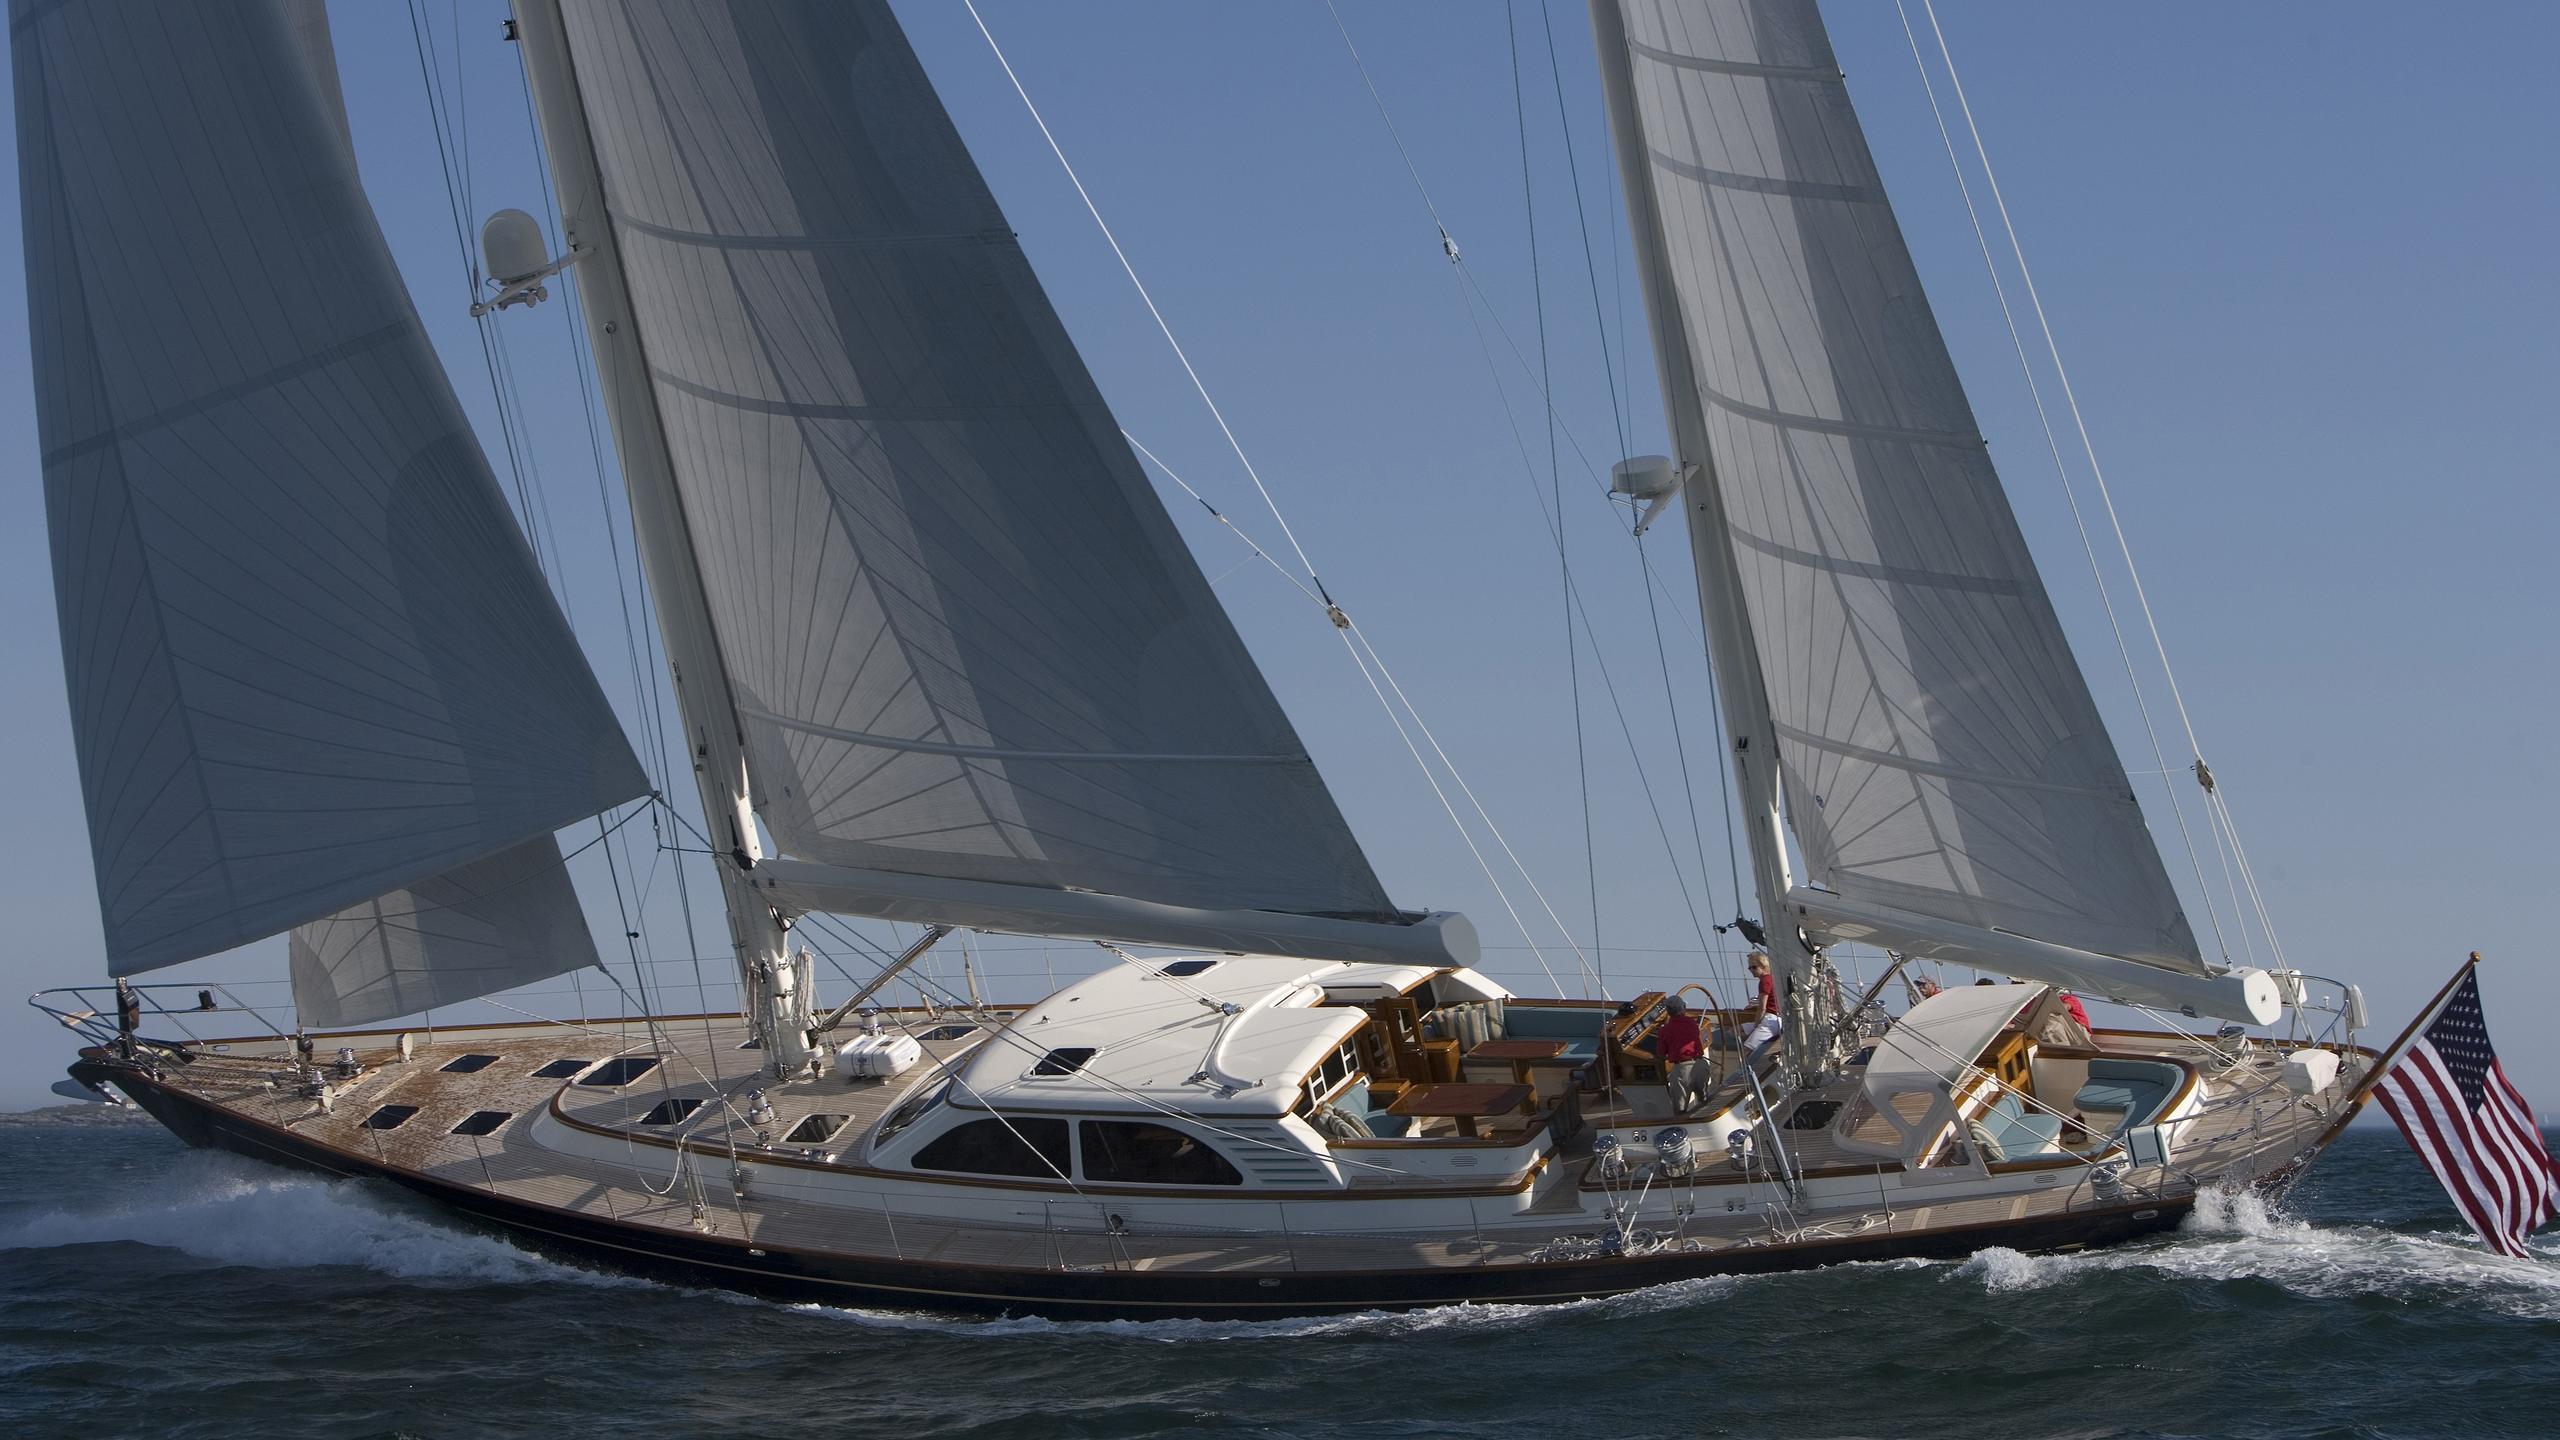 Windcrest sailing yacht